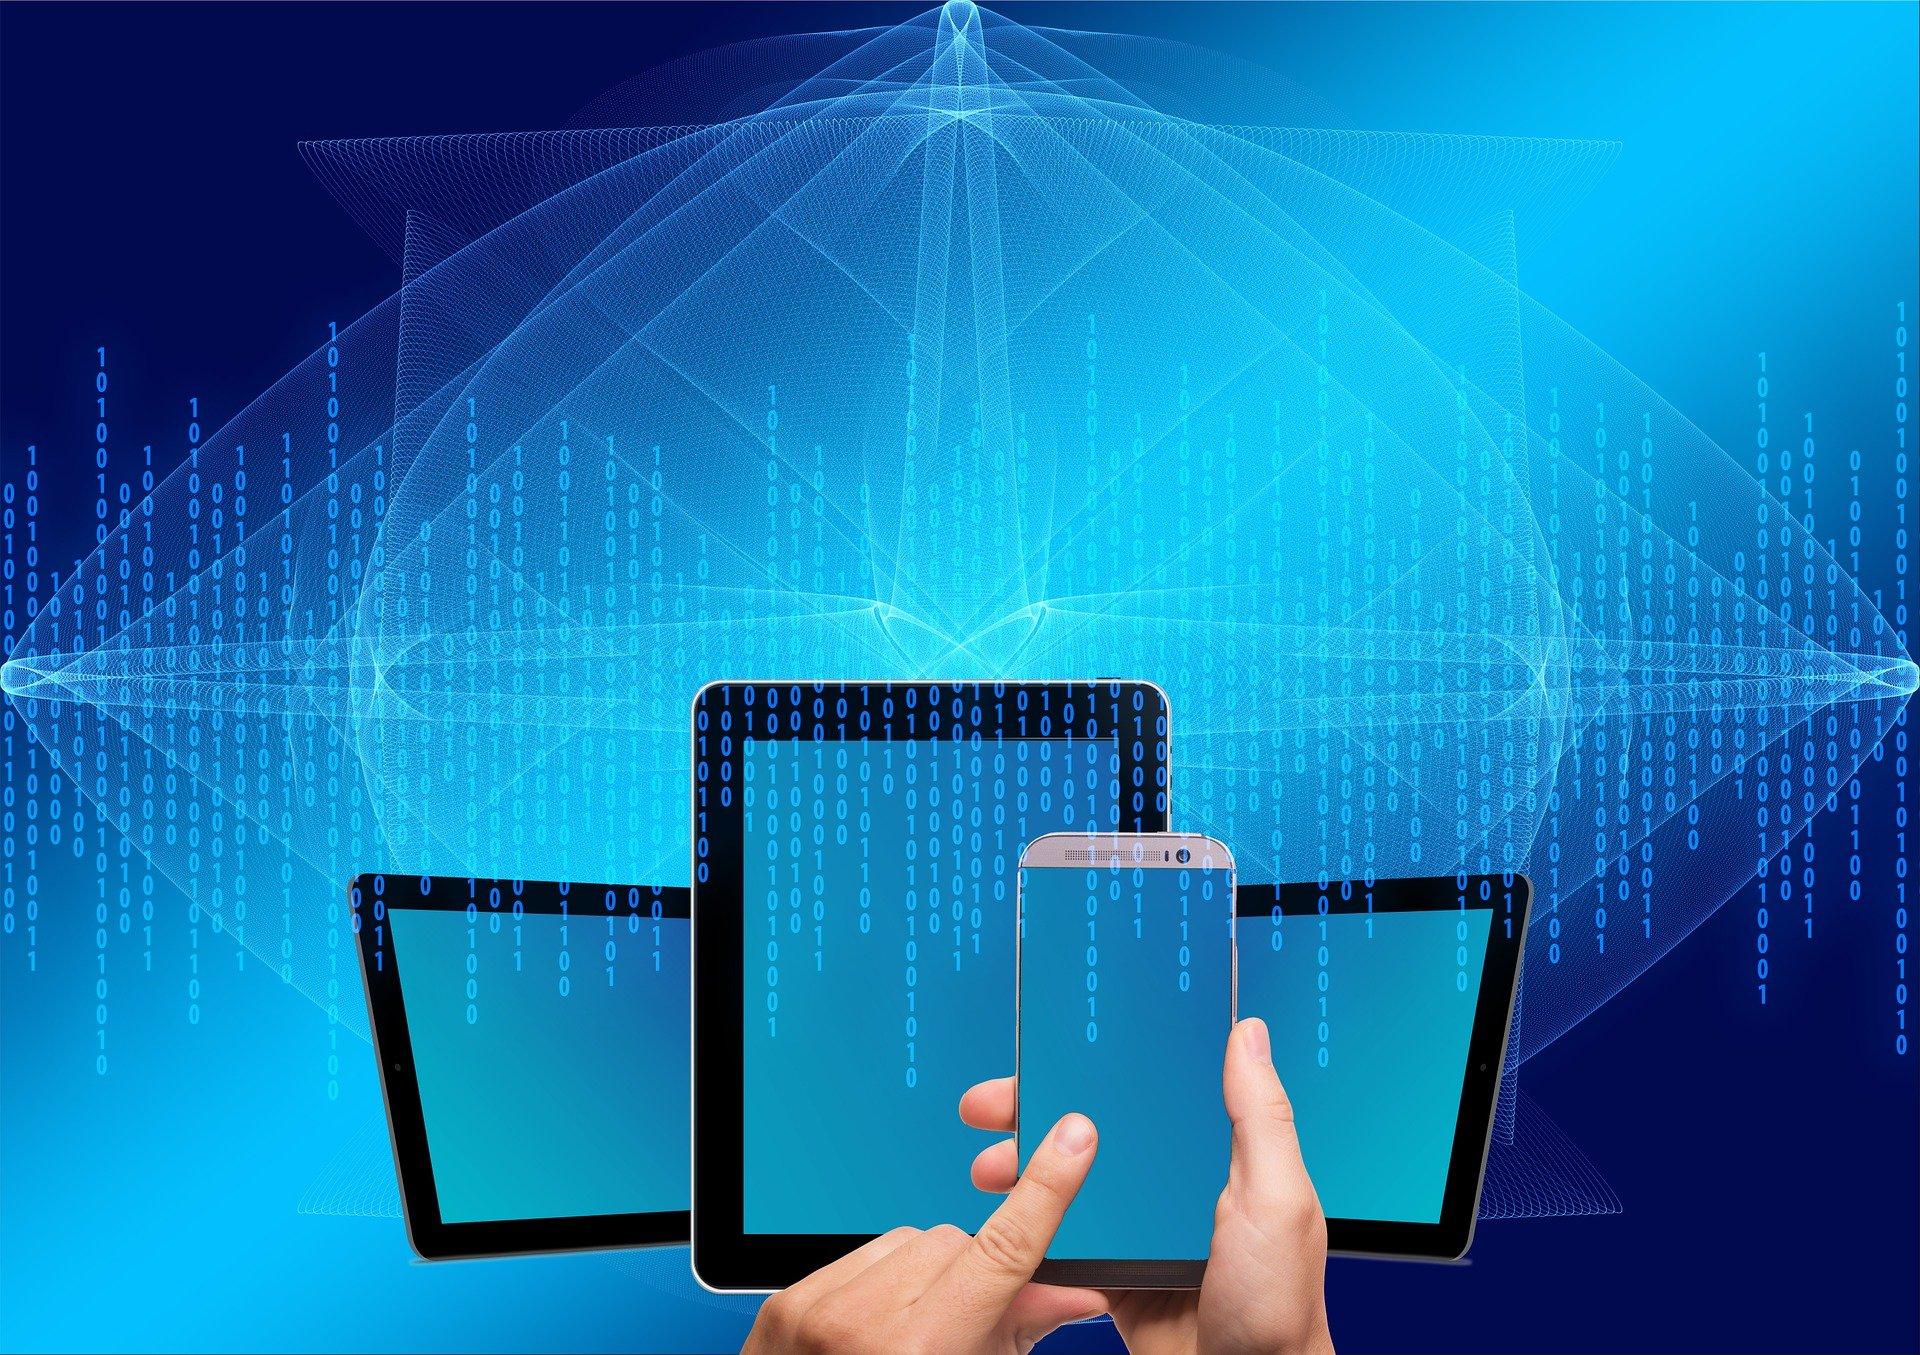 עדכון תוכנות ואפליקציות בסמארטפונים